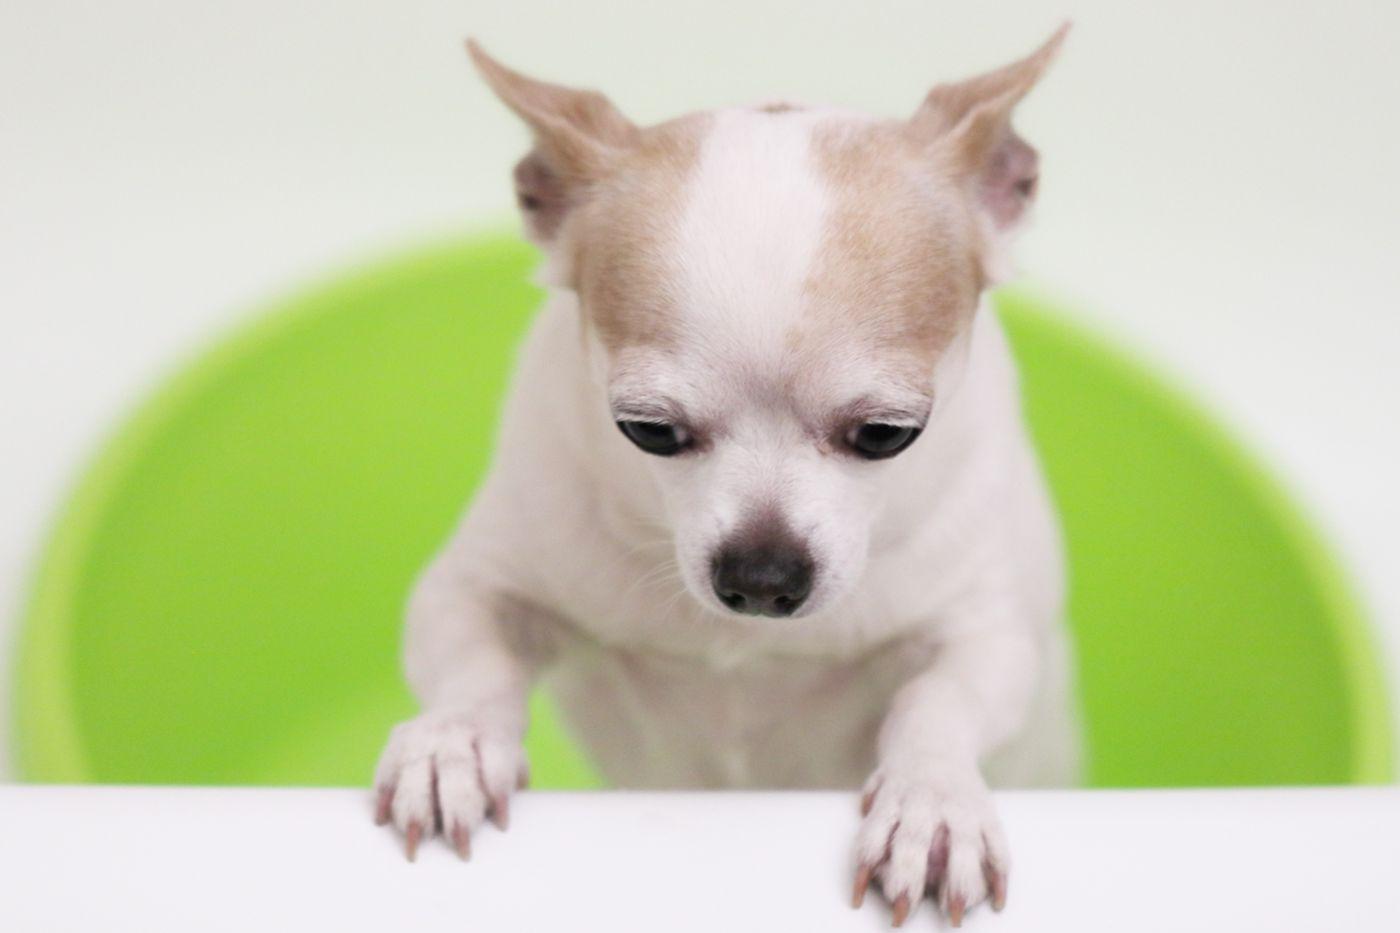 Kaip pripratinti šunį plauti letenas po pasivaikščiojimo? (1)